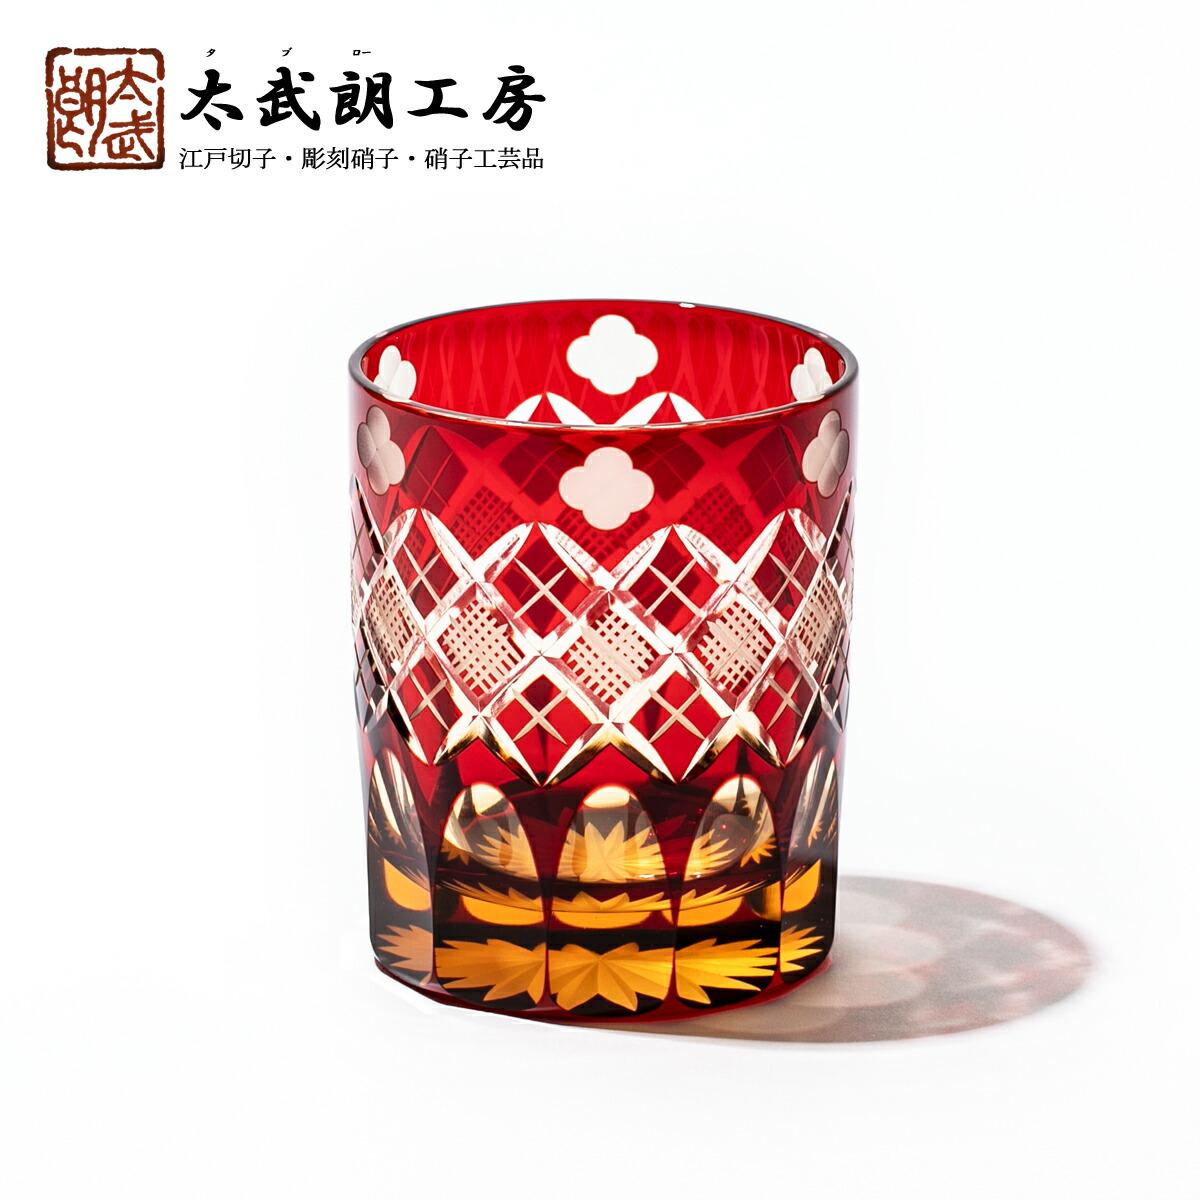 江戸切子 四ツ葉に矢来魚子紋 オールドグラス 琥珀赤